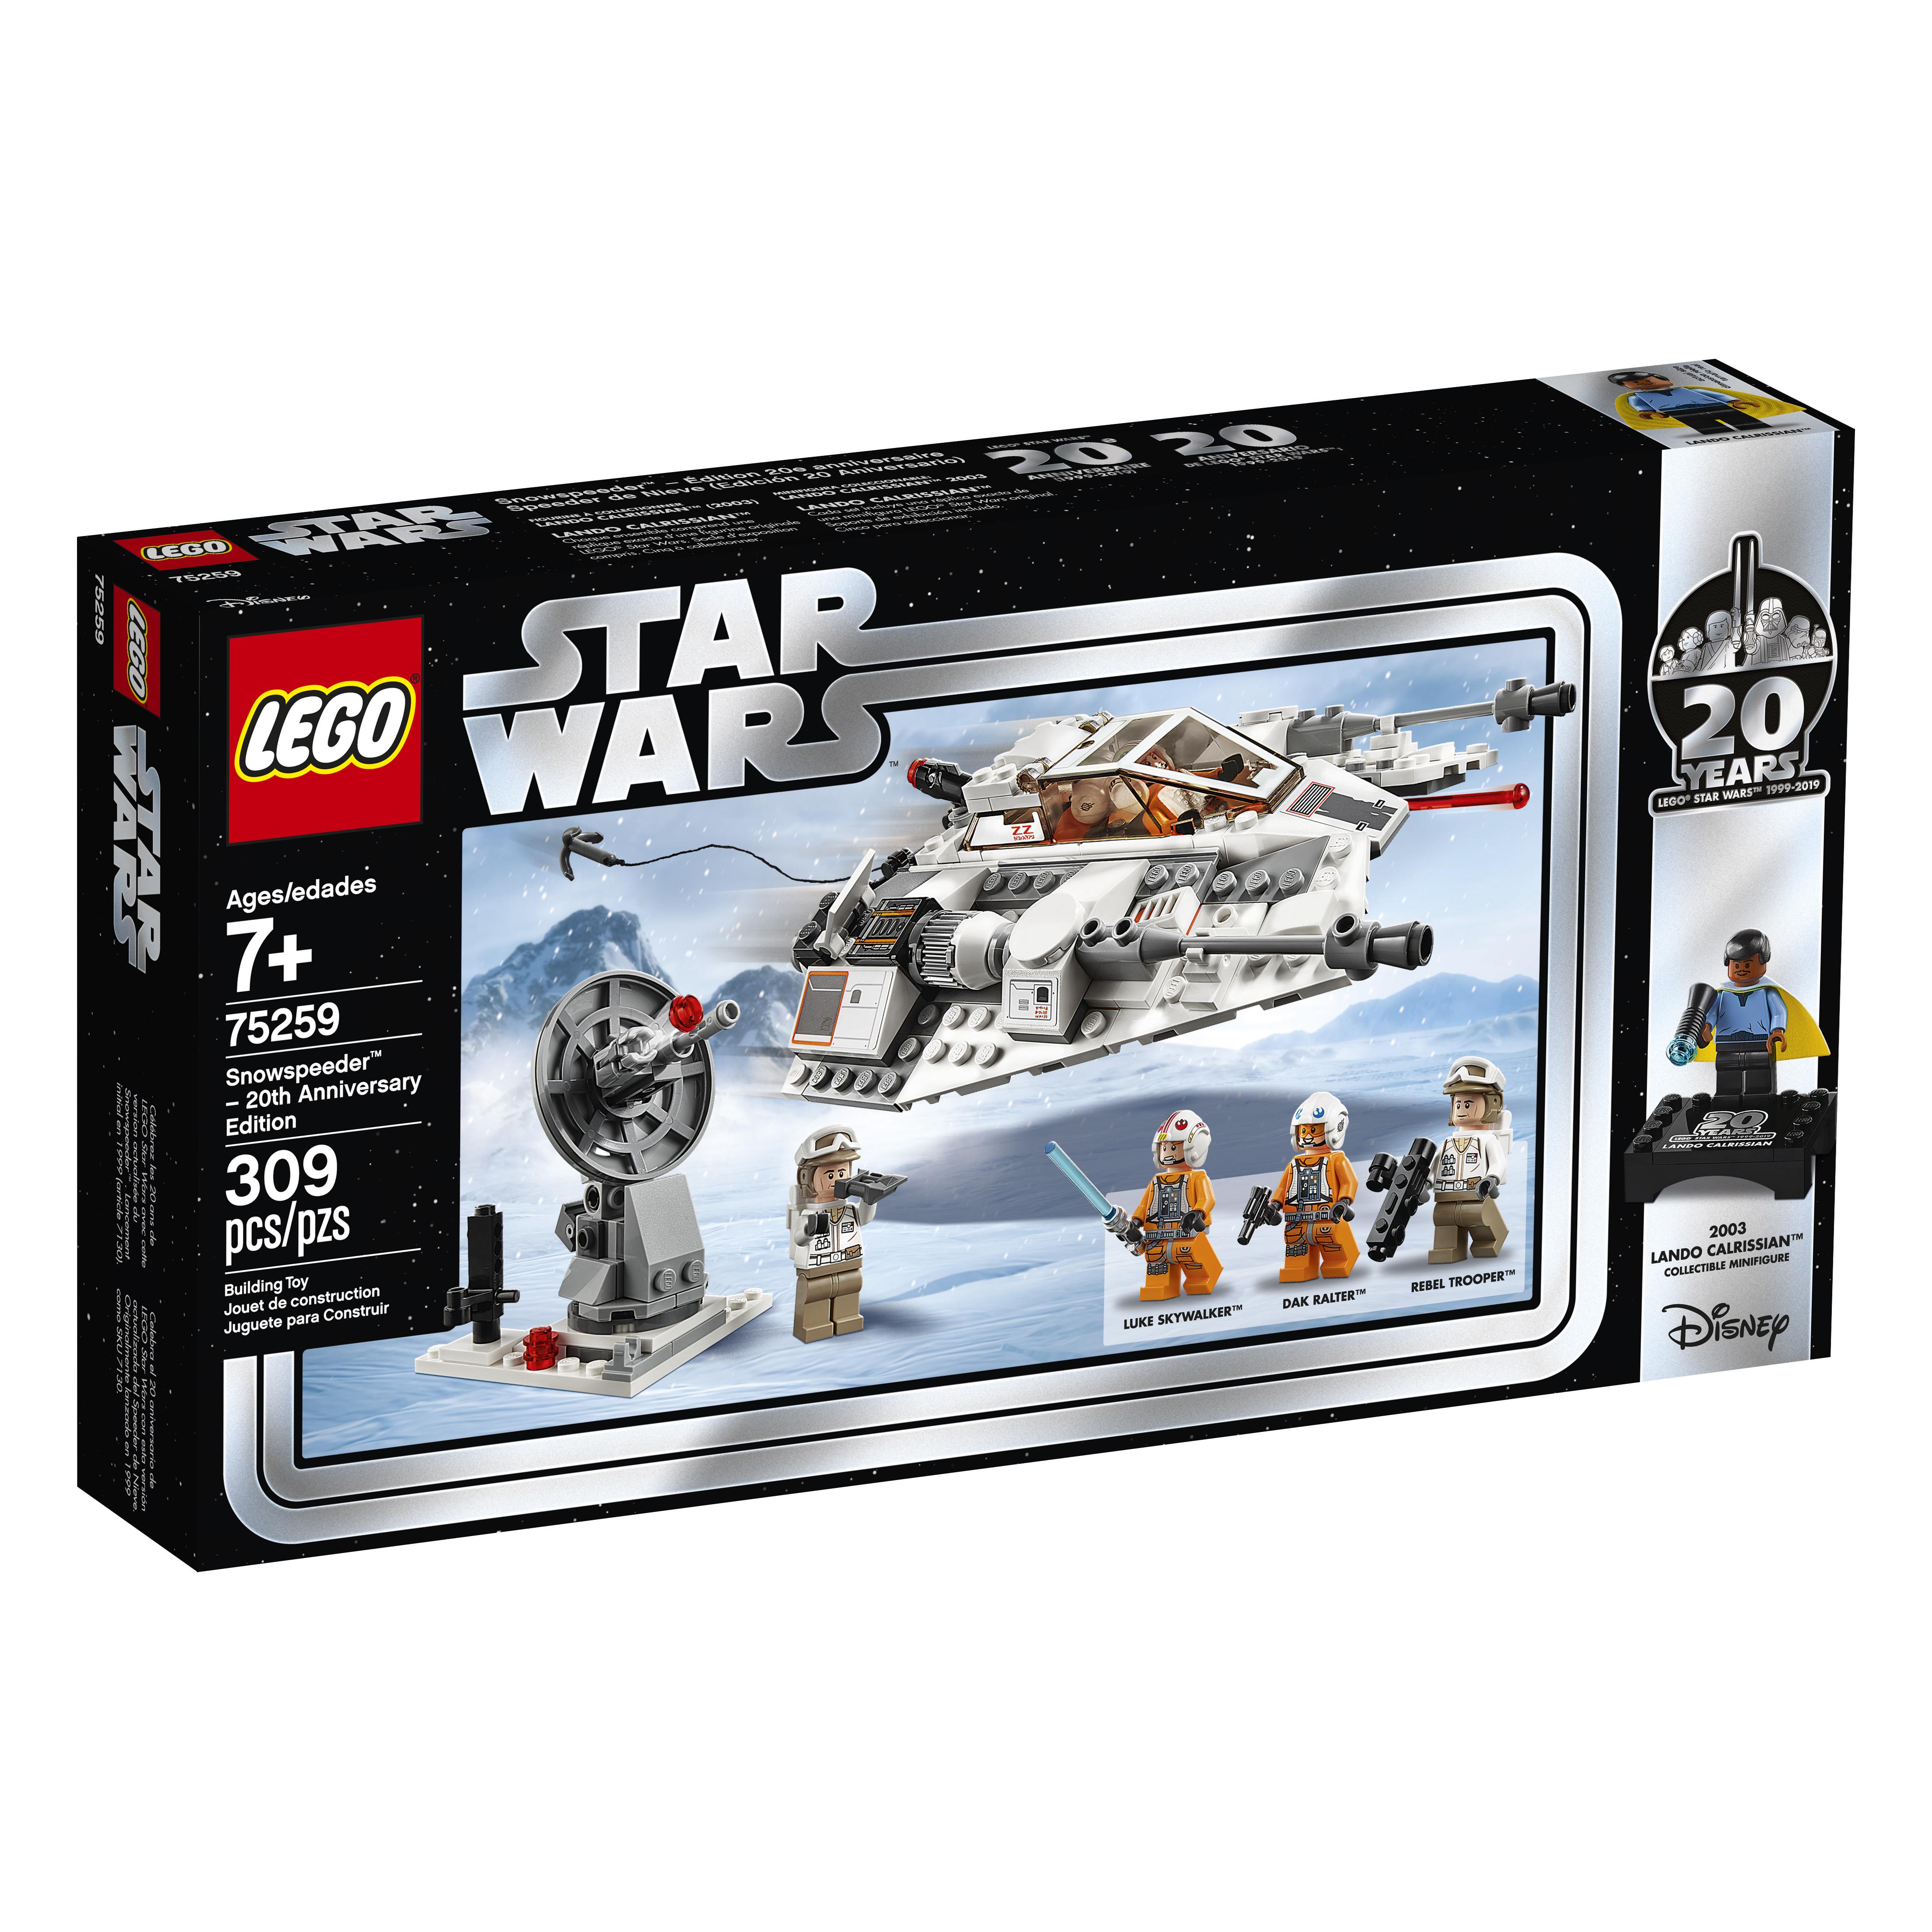 SW 20th Anniversary Edition Snowspeeder Vehicle Lego Set 1